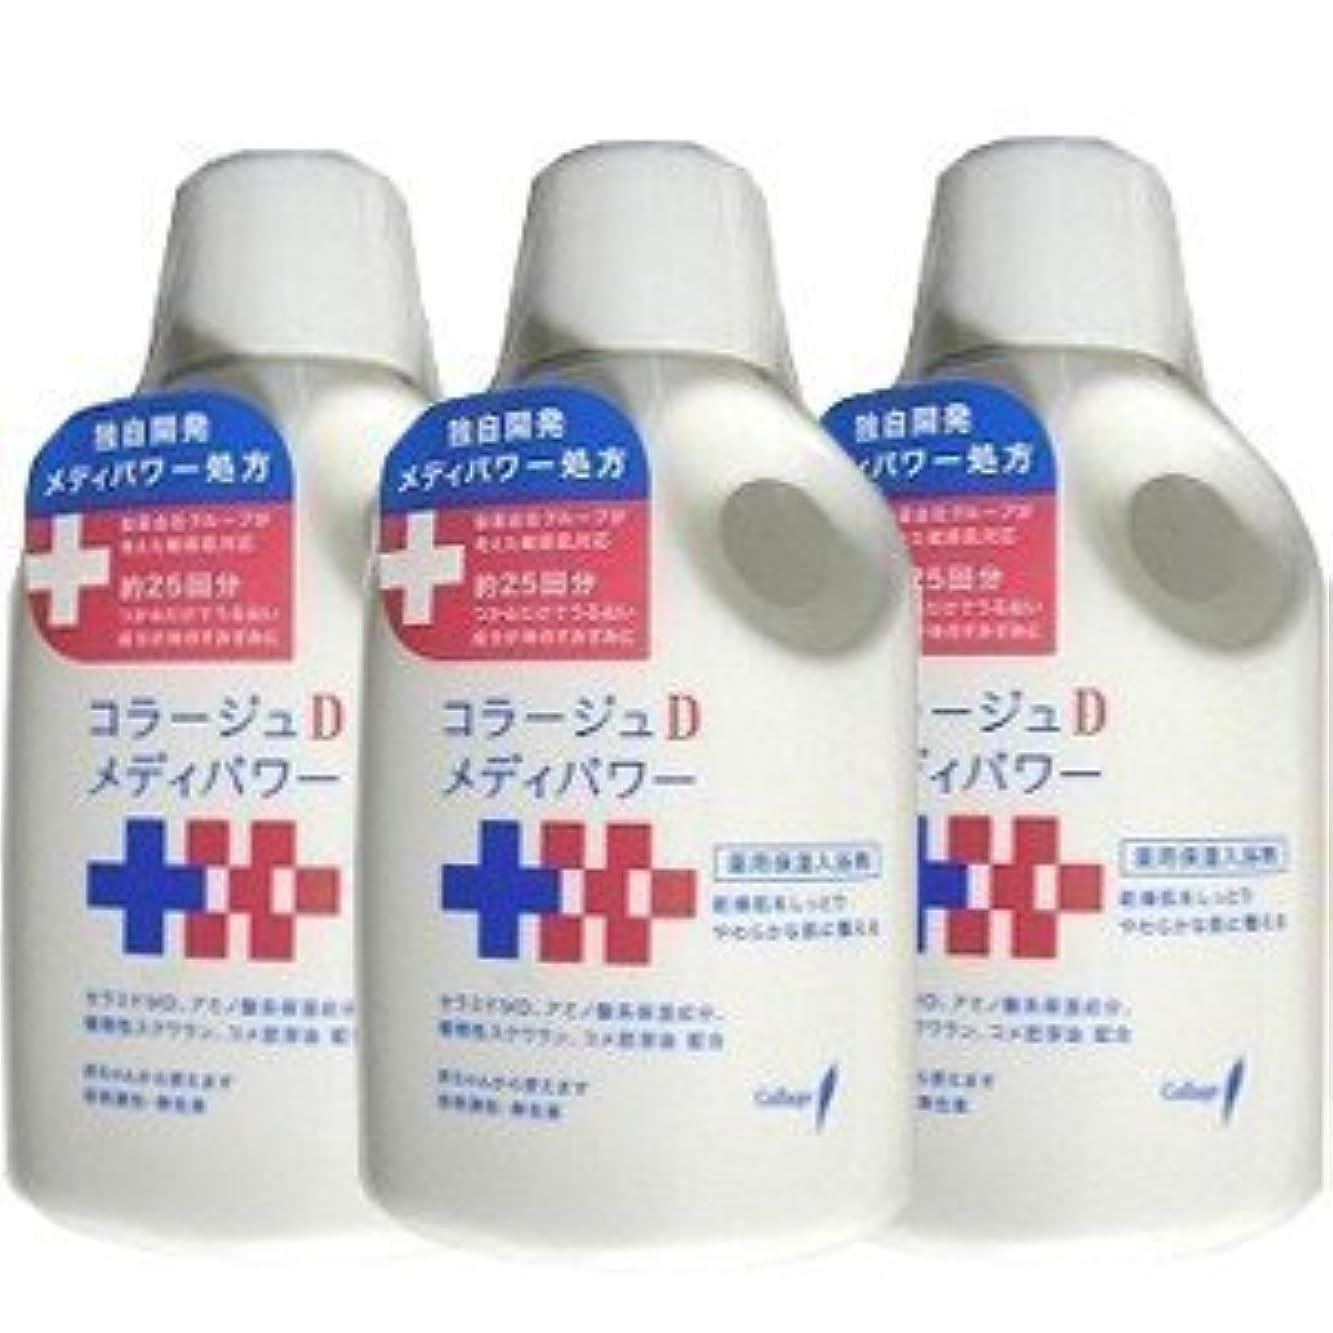 金額解任小説【3本】コラージュD メディパワー保湿入浴剤 500mlx3本